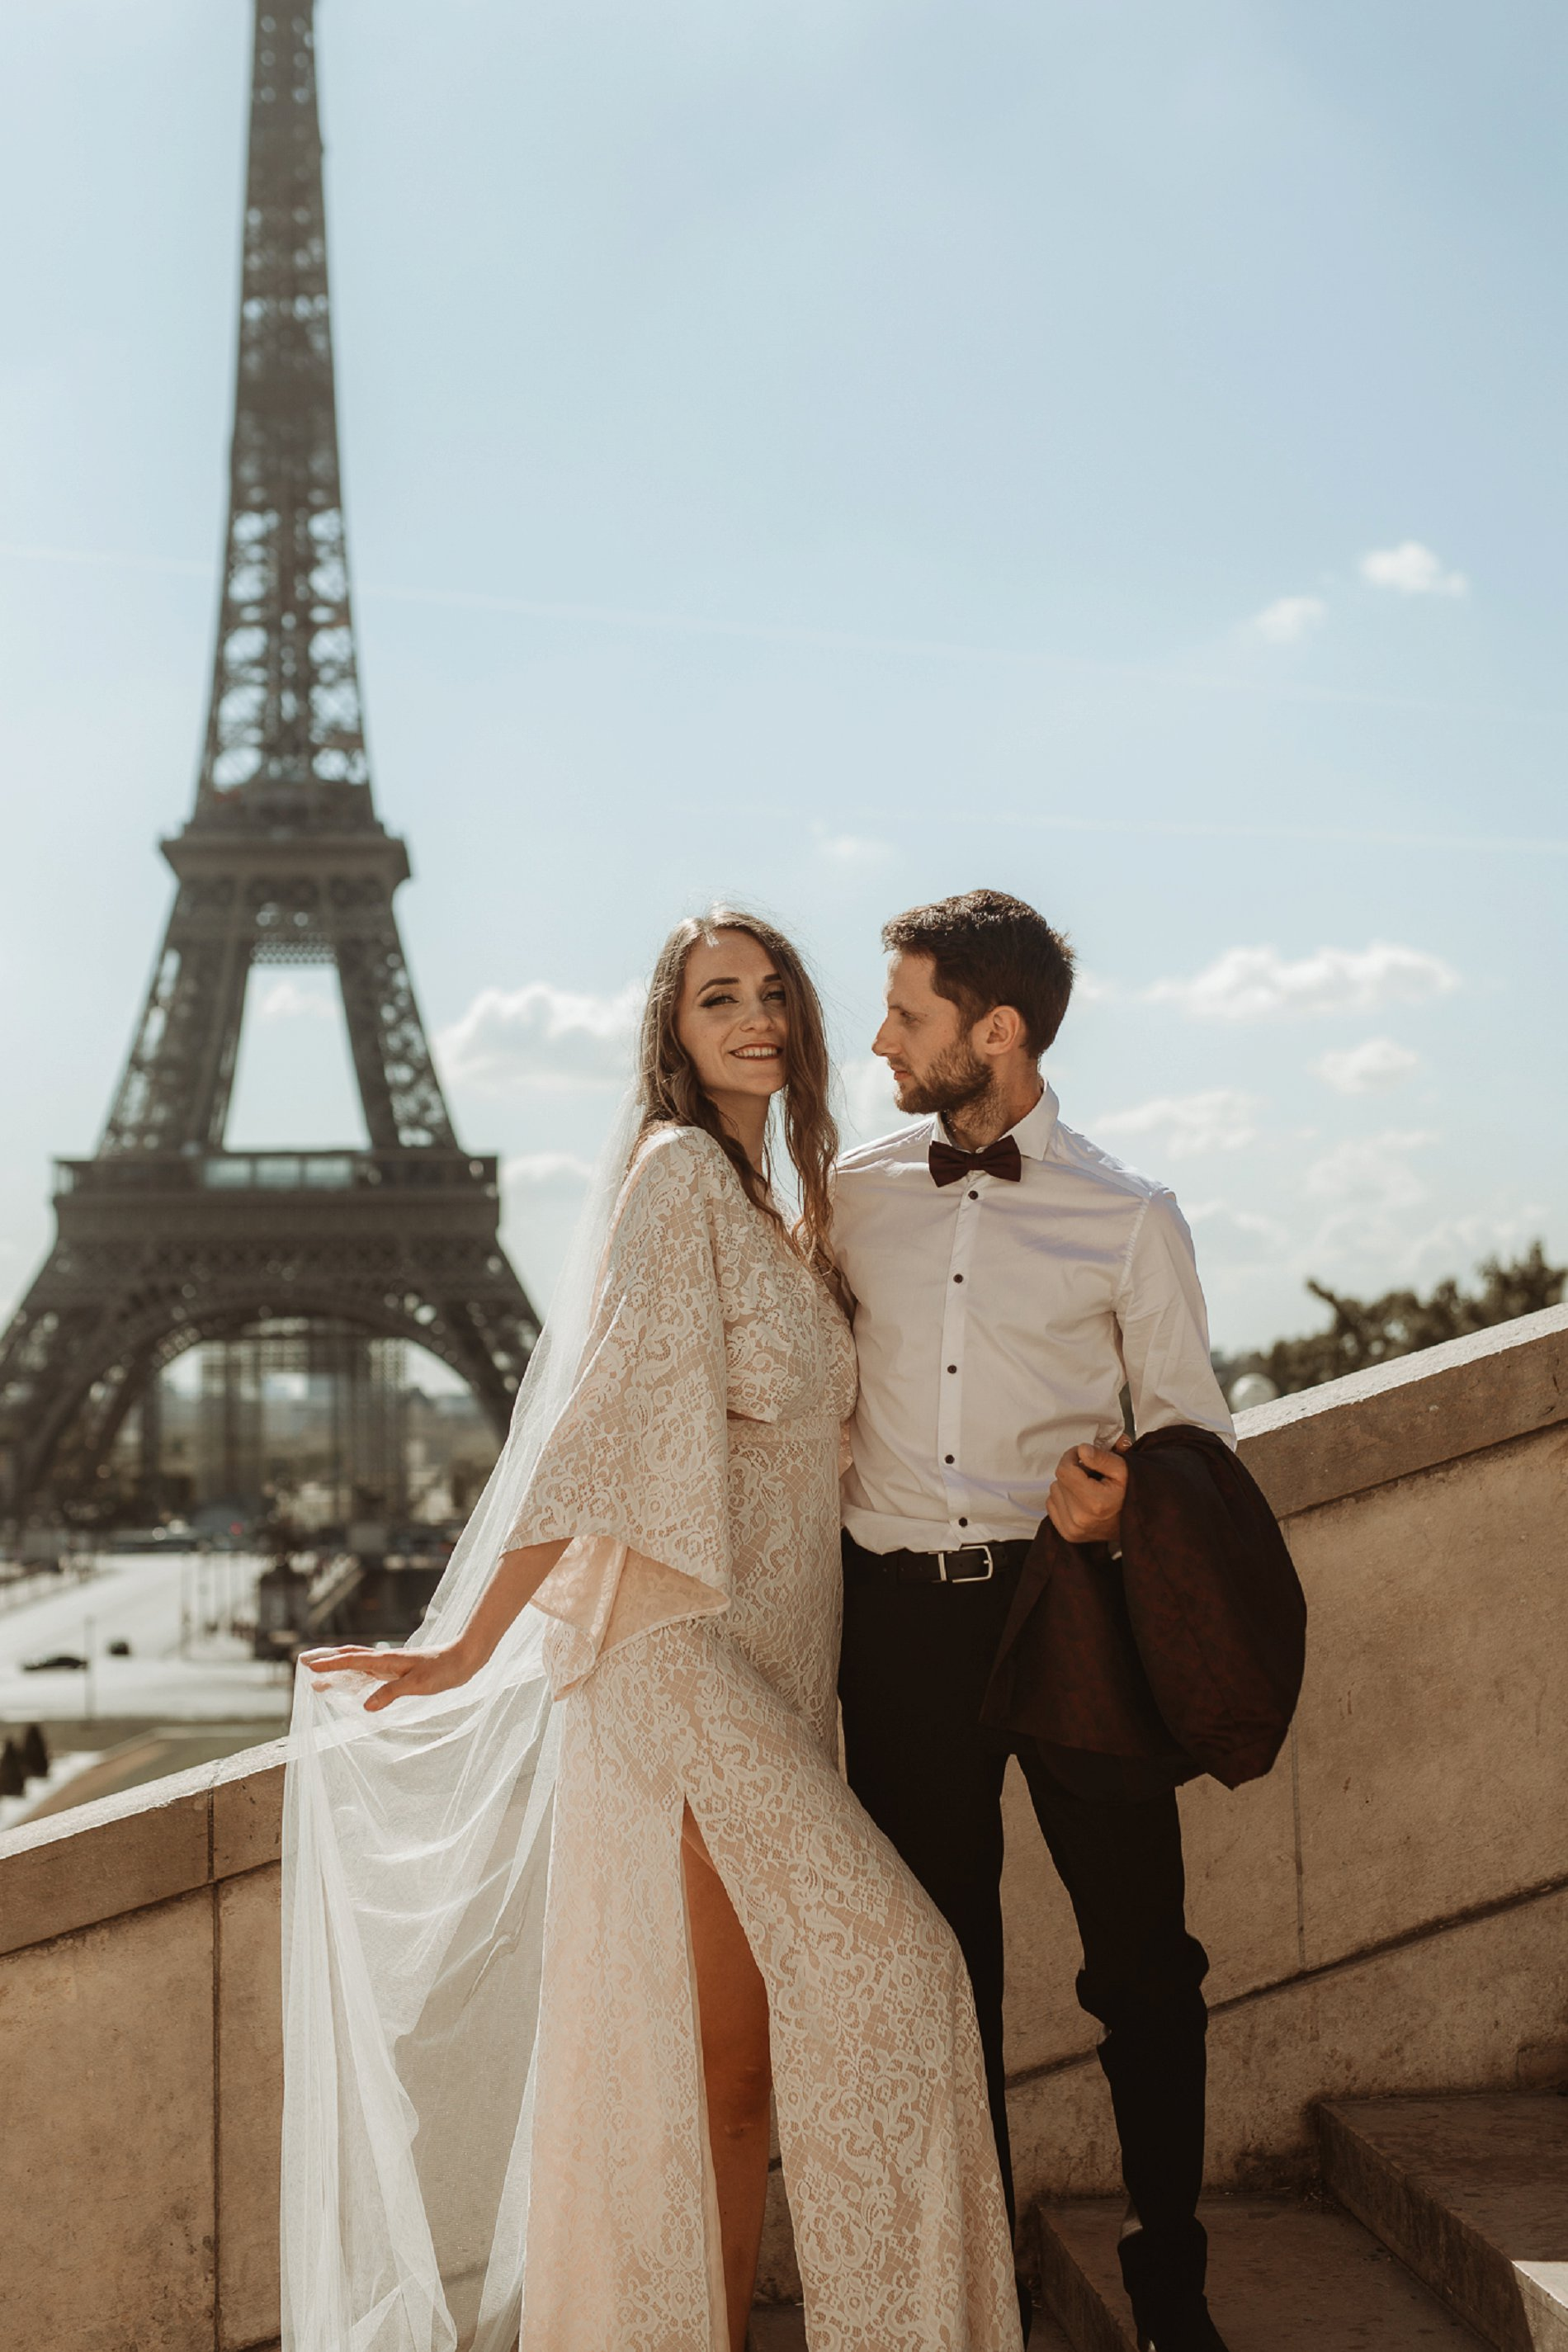 Miss He Bridal Romantic Paris Elopement (c) Xanthe Rowland Photography (12)